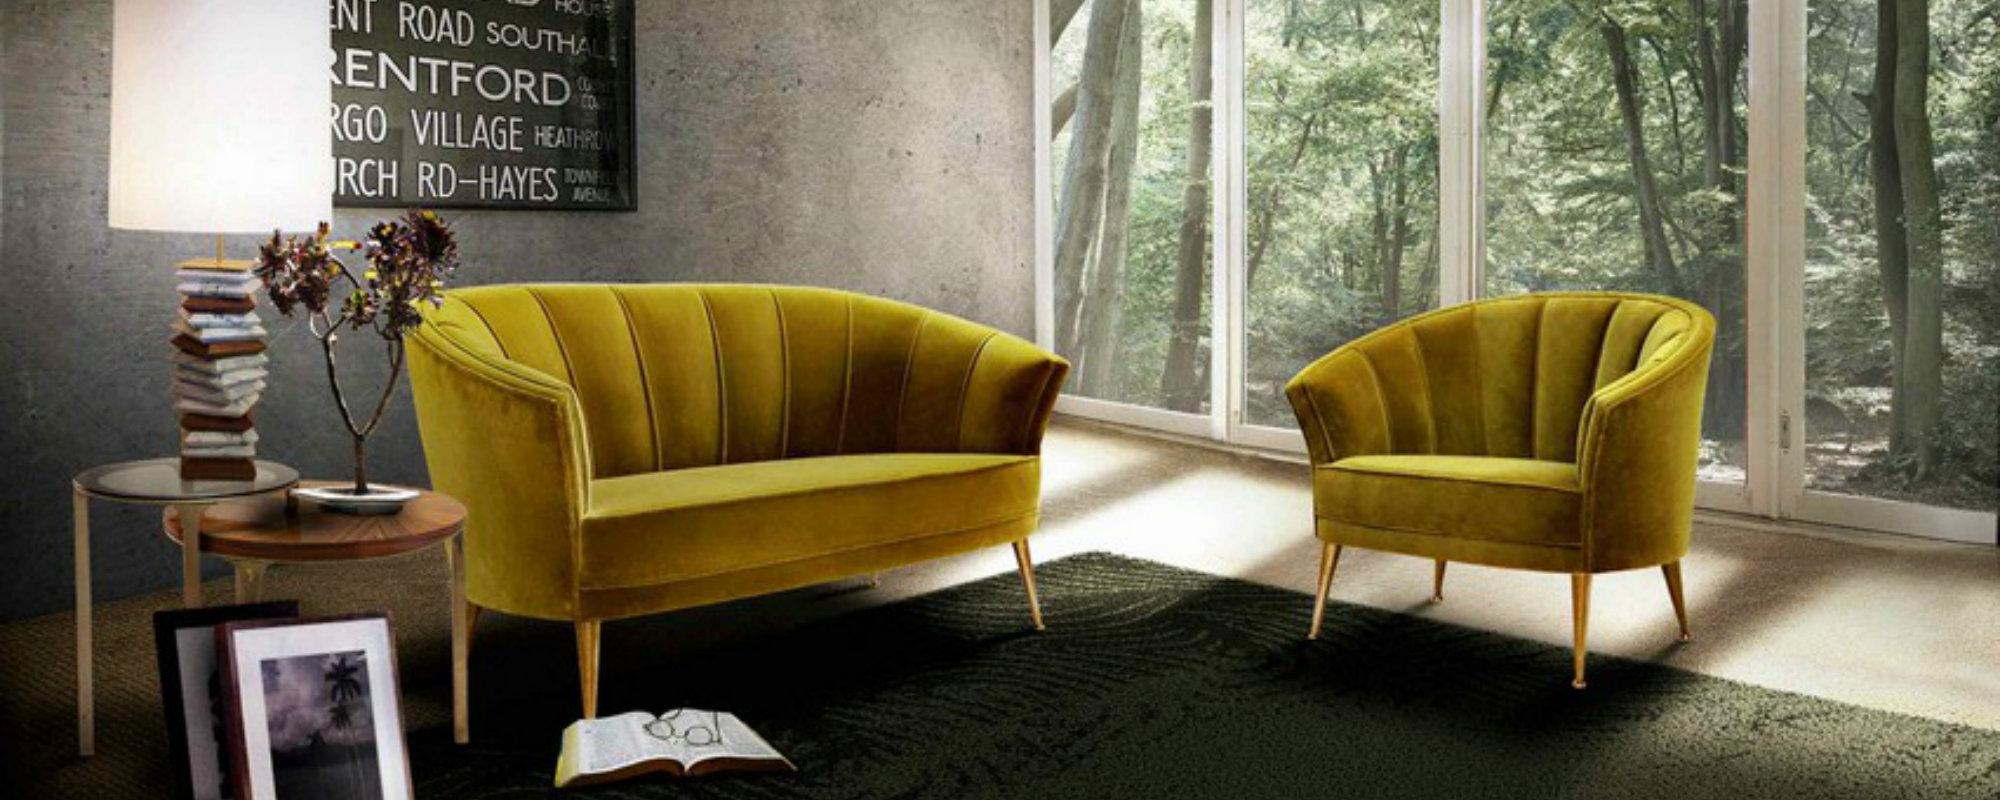 """Tendencia Diseño de Interiores: COLOR DEL AÑO 2020 """"Vibe Floral"""" tendencia diseño Tendencia Diseño de Interiores 2020: Art Deco Retro «Vibe Floral» Featured 4"""